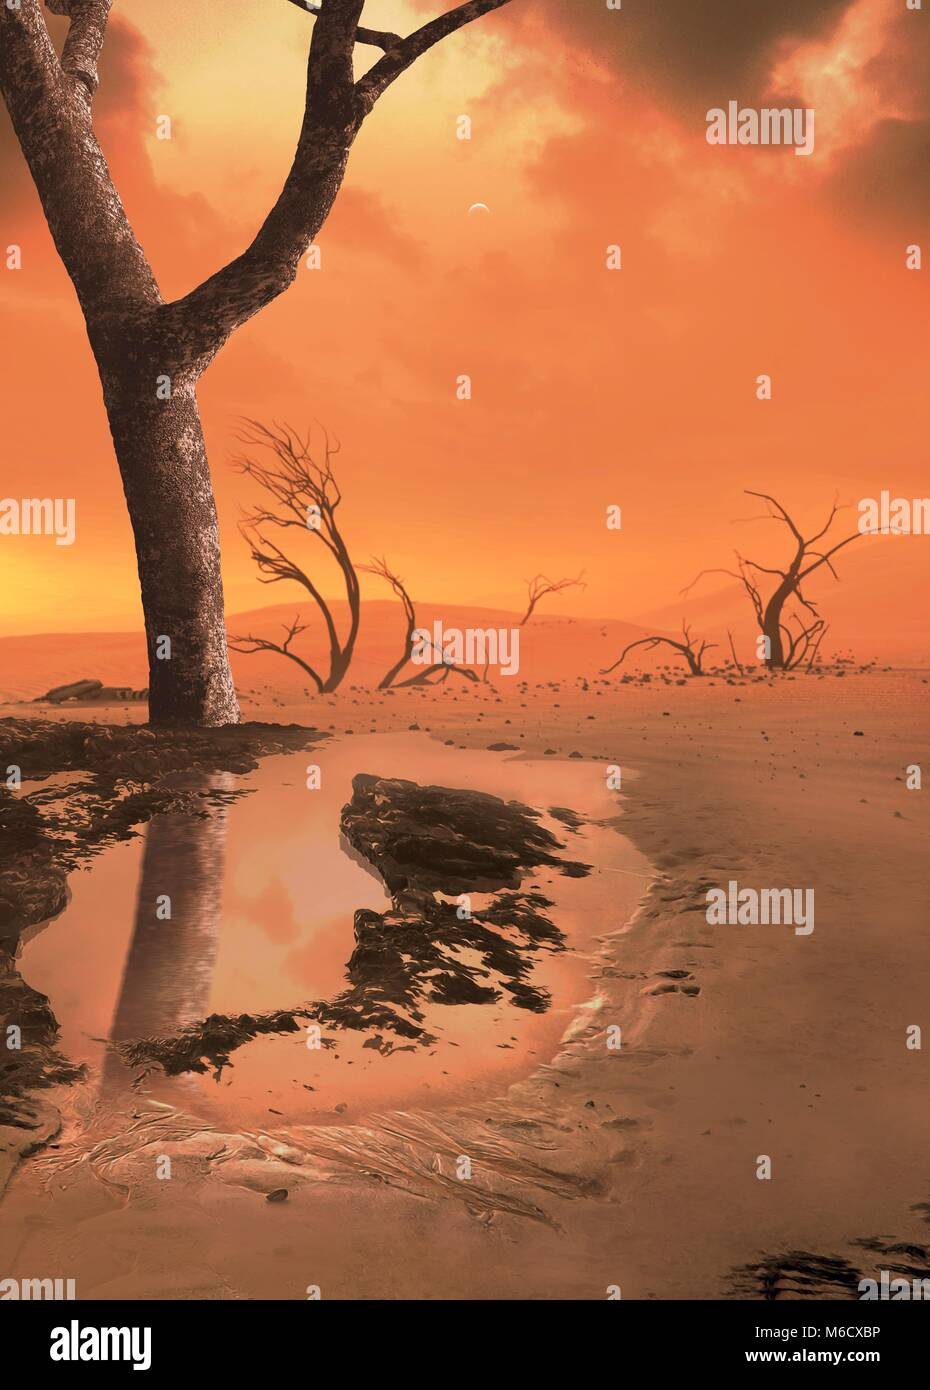 La terre commence à devenir inhabitable bien avant que le soleil lui-même meurt. Dans environ un milliard Photo Stock